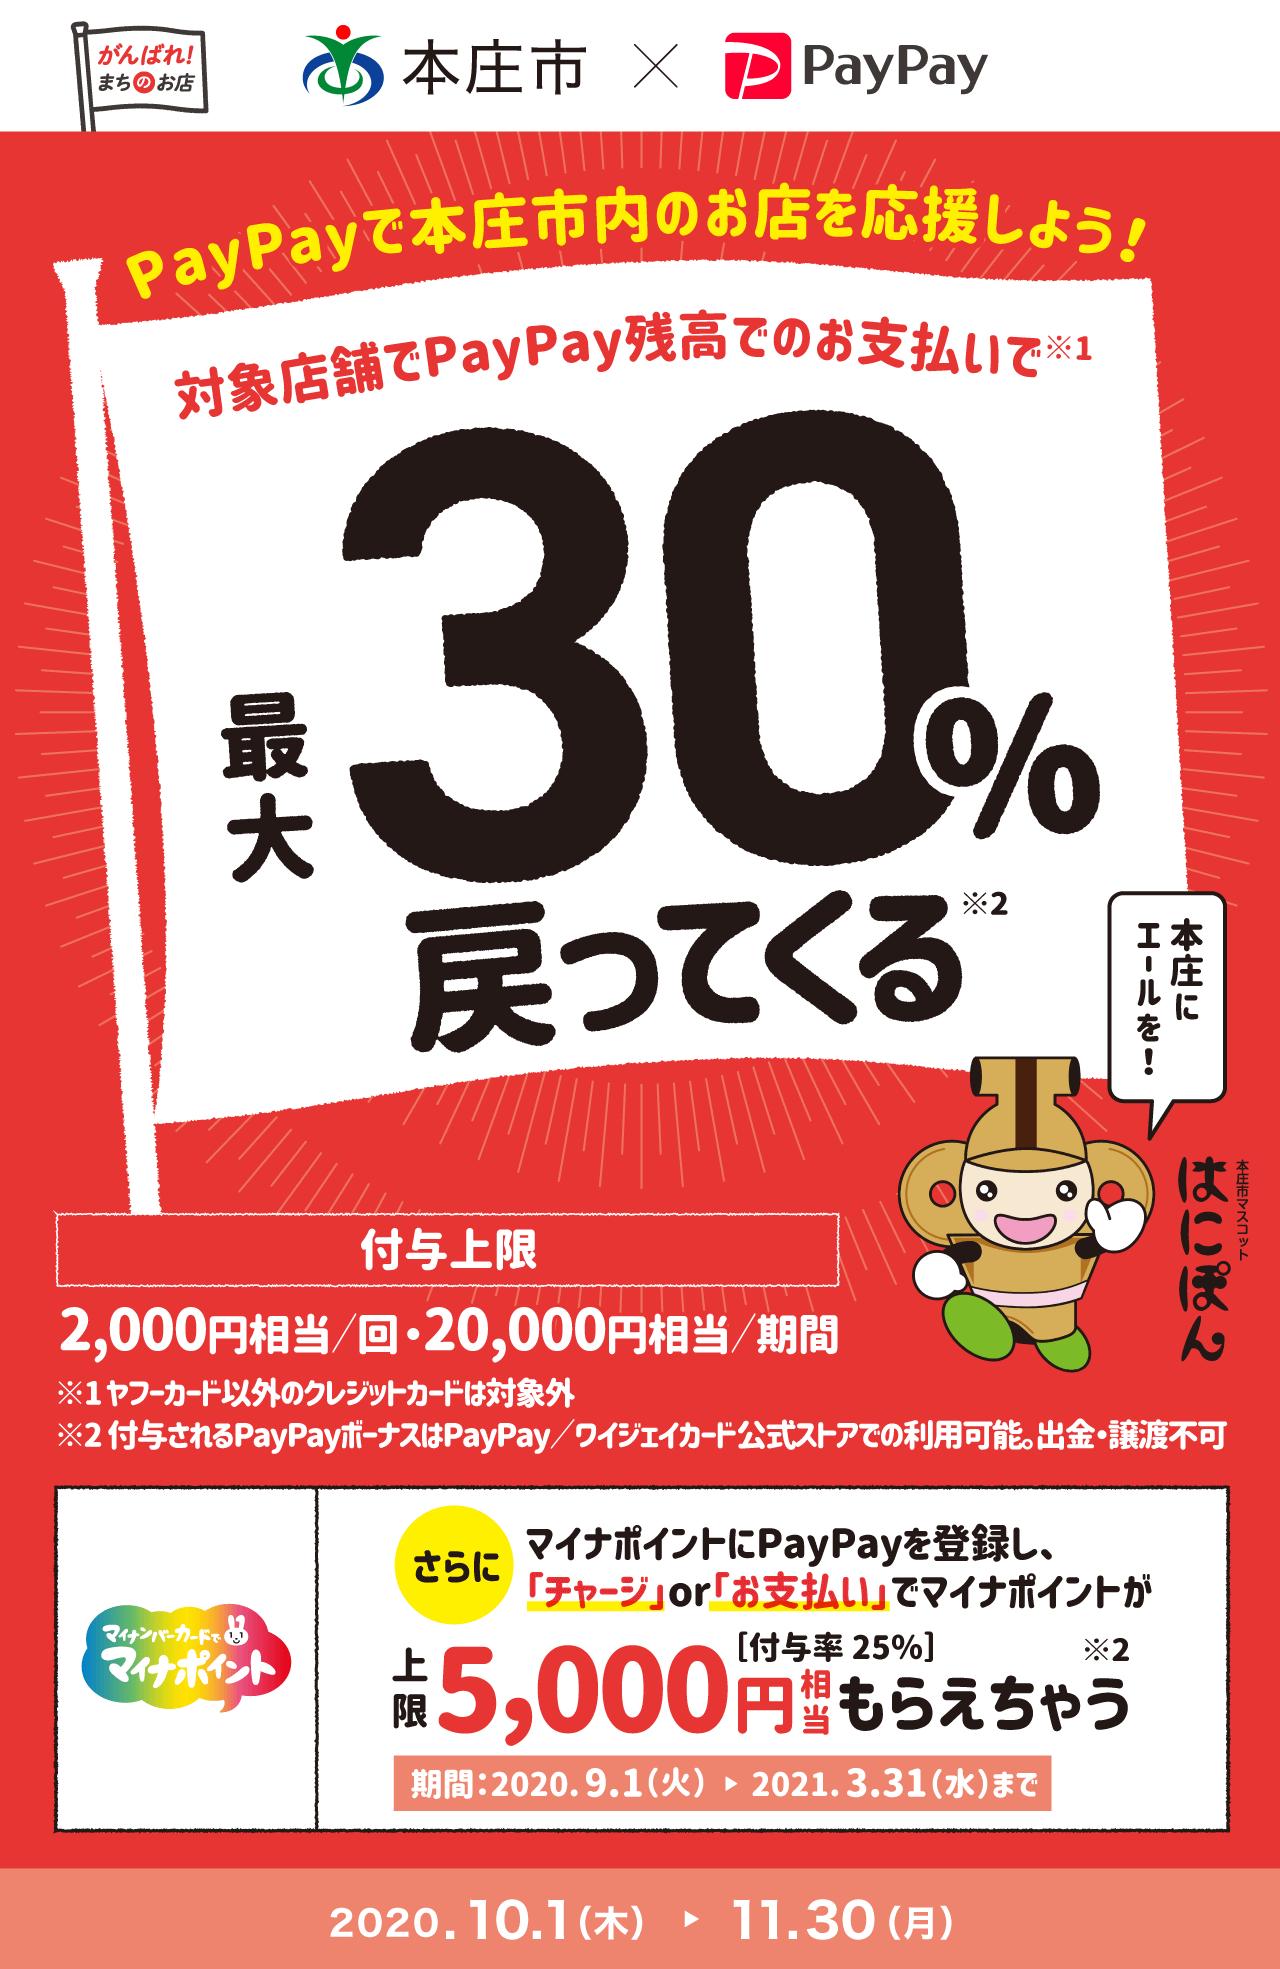 PayPayで本庄市内のお店を応援しよう! 対象店舗でPayPay残高でのお支払いで最大30%戻ってくる